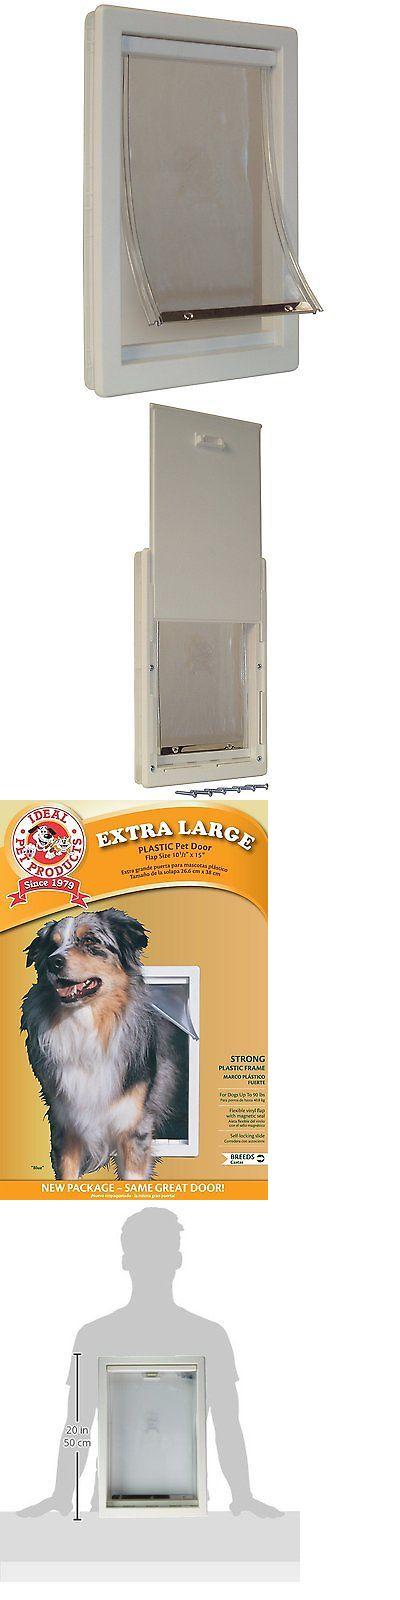 17 Best Ideas About Pet Door On Pinterest Dog Rooms